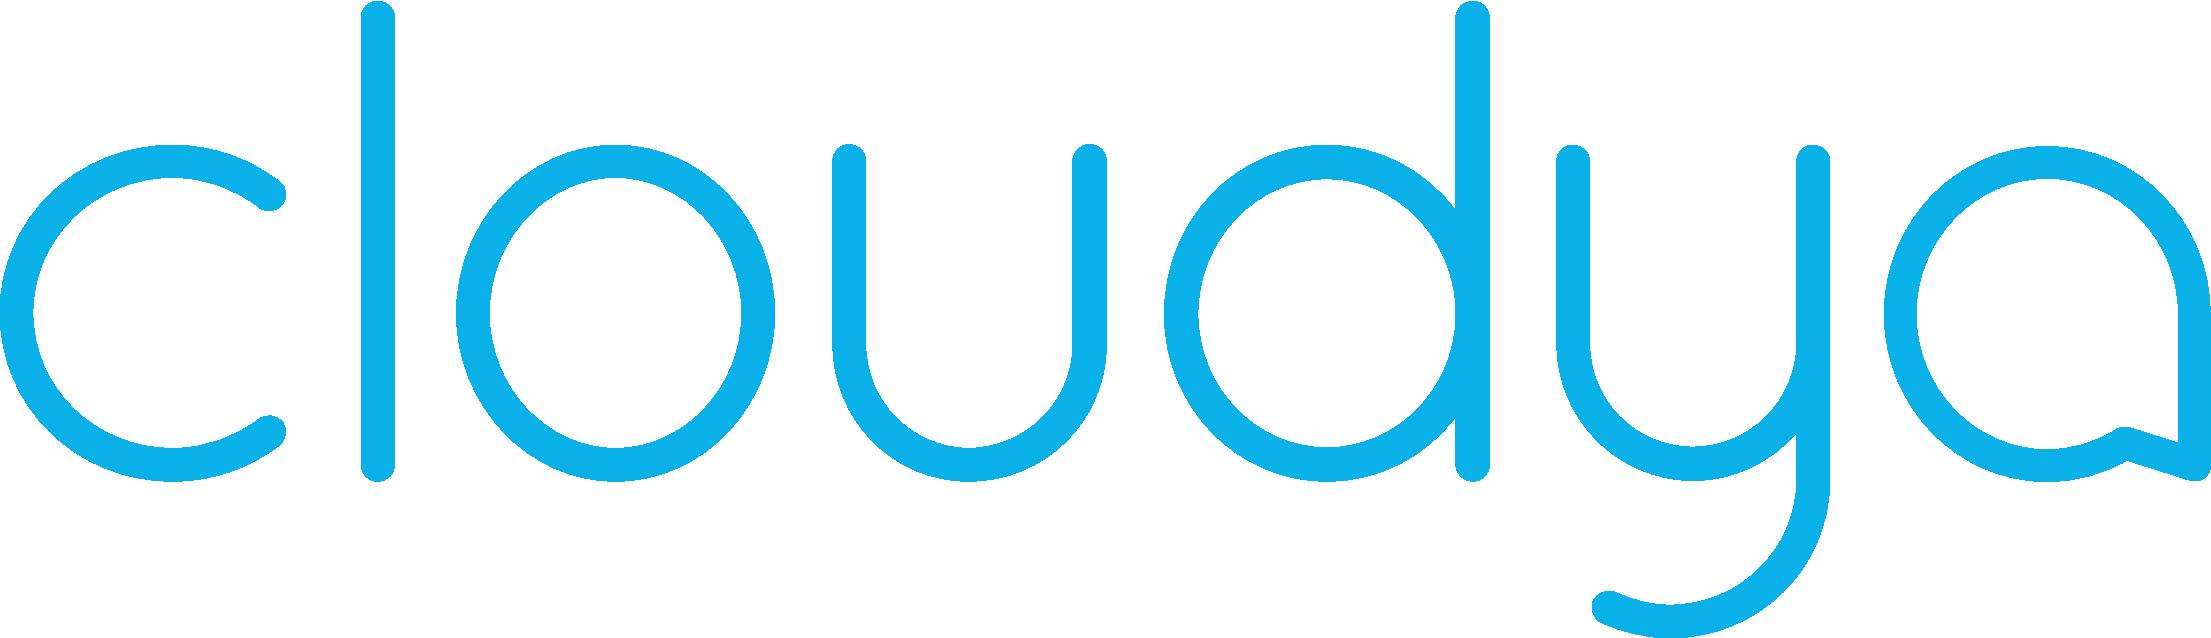 NFON Cloudya Logo.